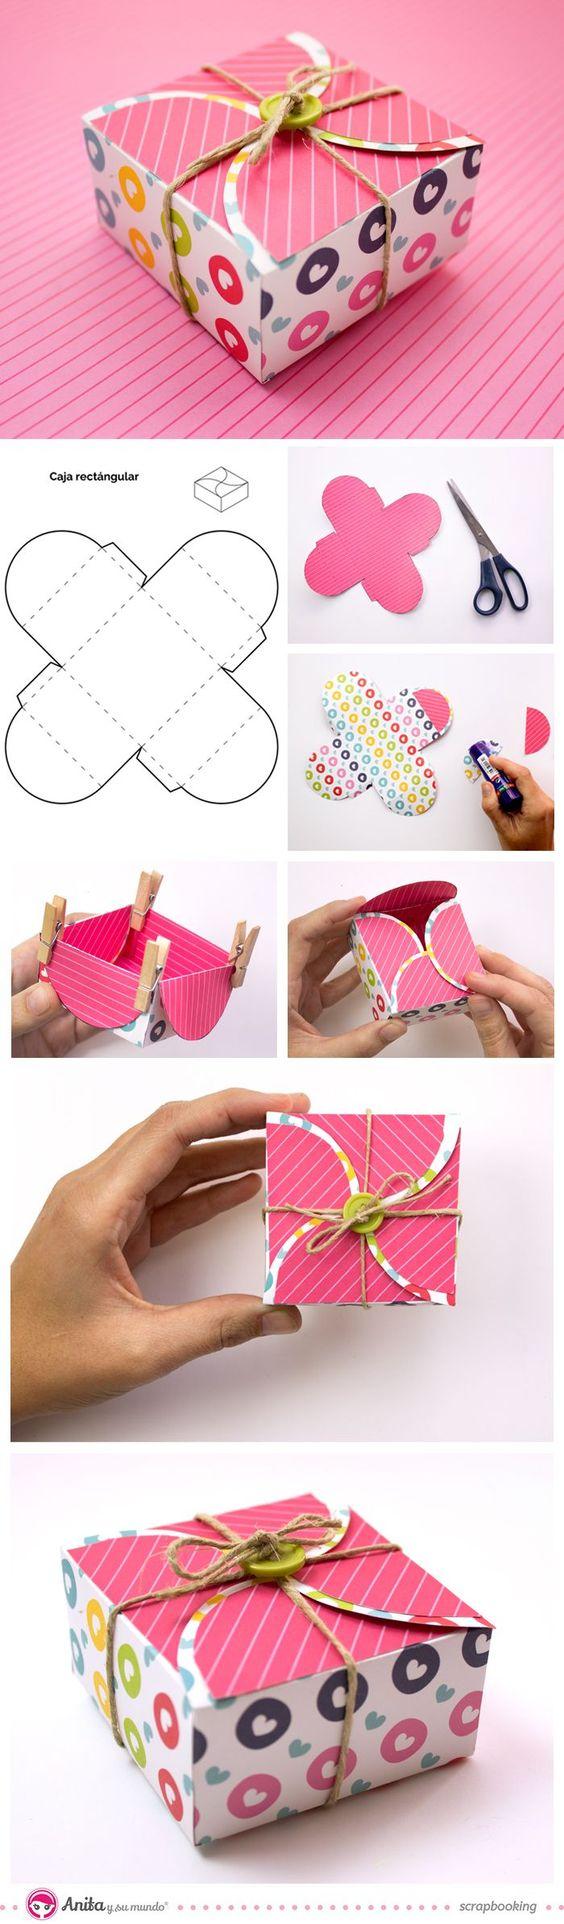 Anita y su mundo: caja de regalo - origami box: